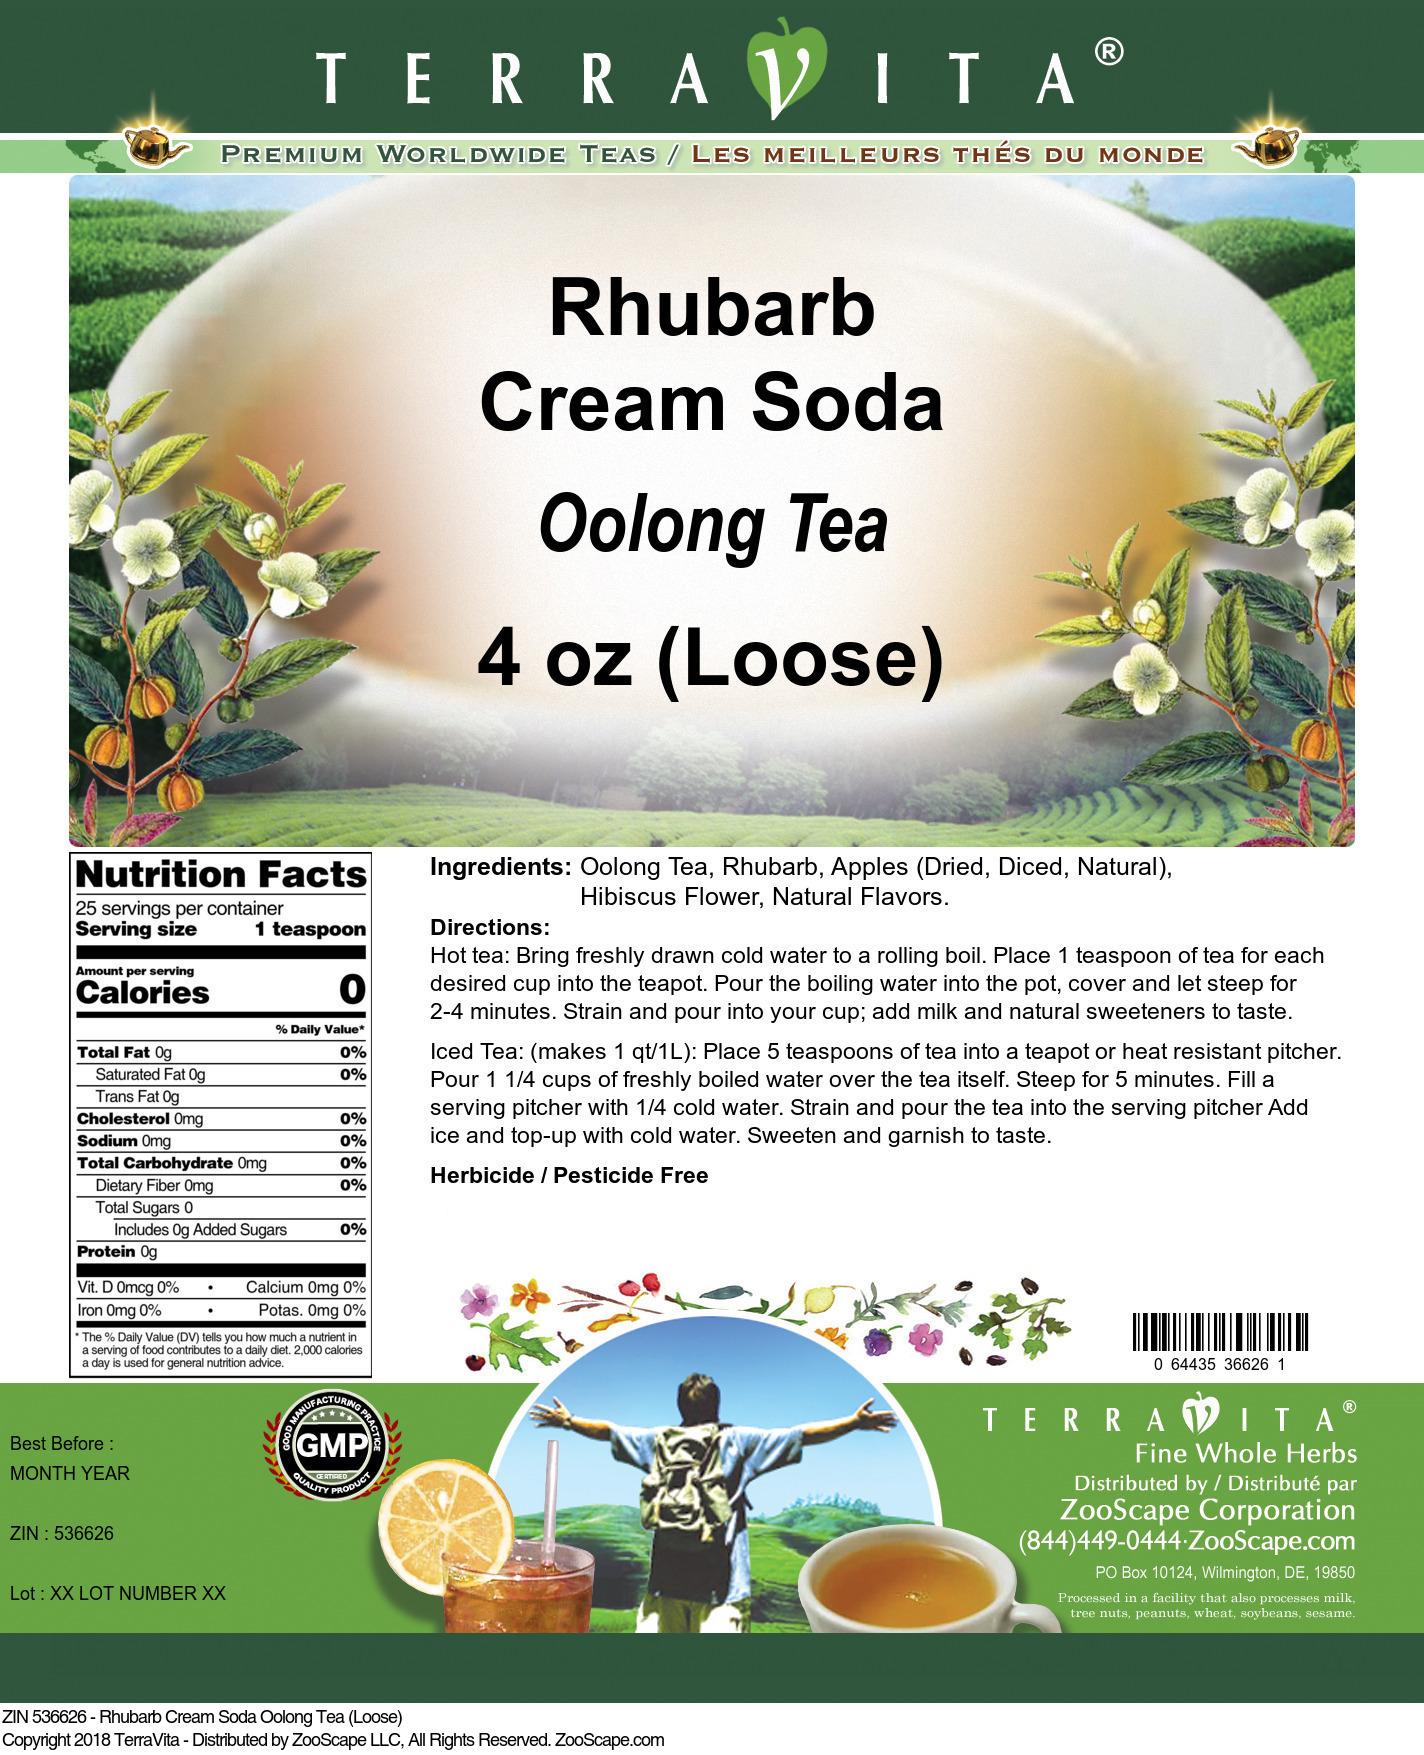 Rhubarb Cream Soda Oolong Tea (Loose)